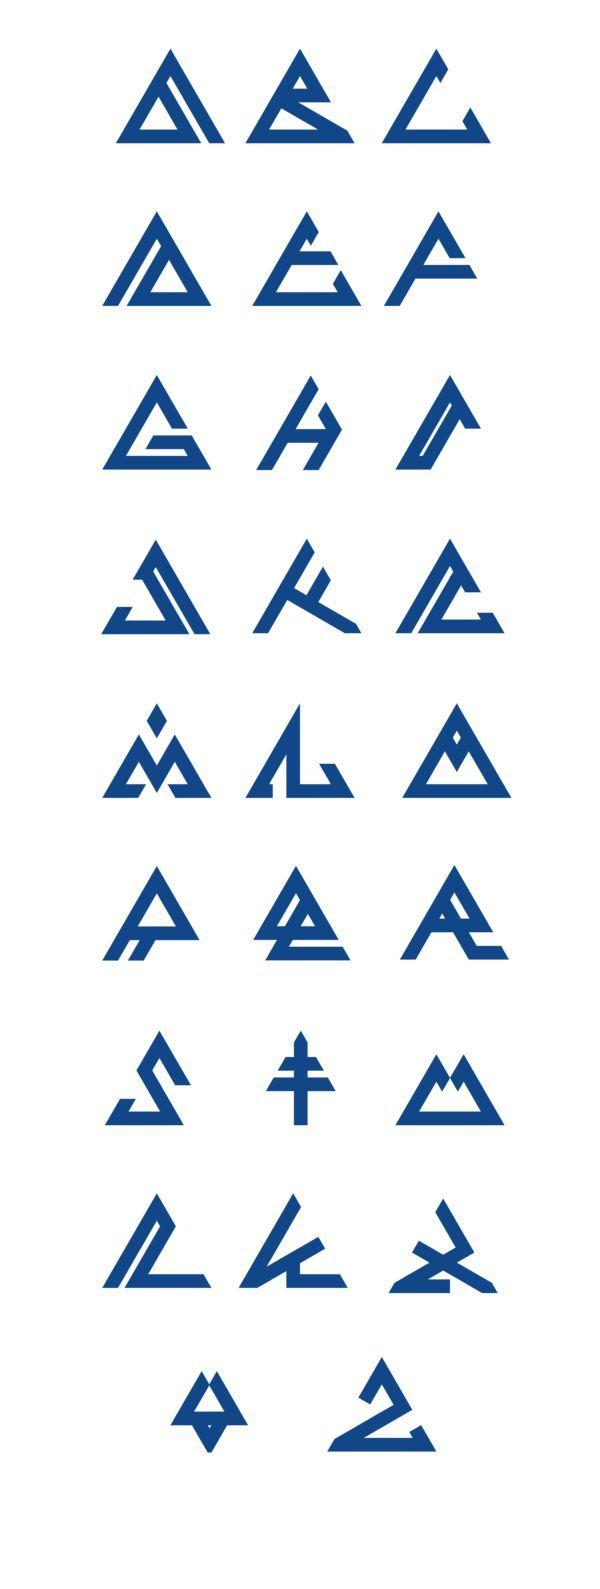 Pour la lettre O, dans le même principe que pour cet alphabet mais en avec un O plus rond et avec ce même principe de fente mais plutôt pour illustrer la gente d'une cagnotte et une pièce qui s'y glisse